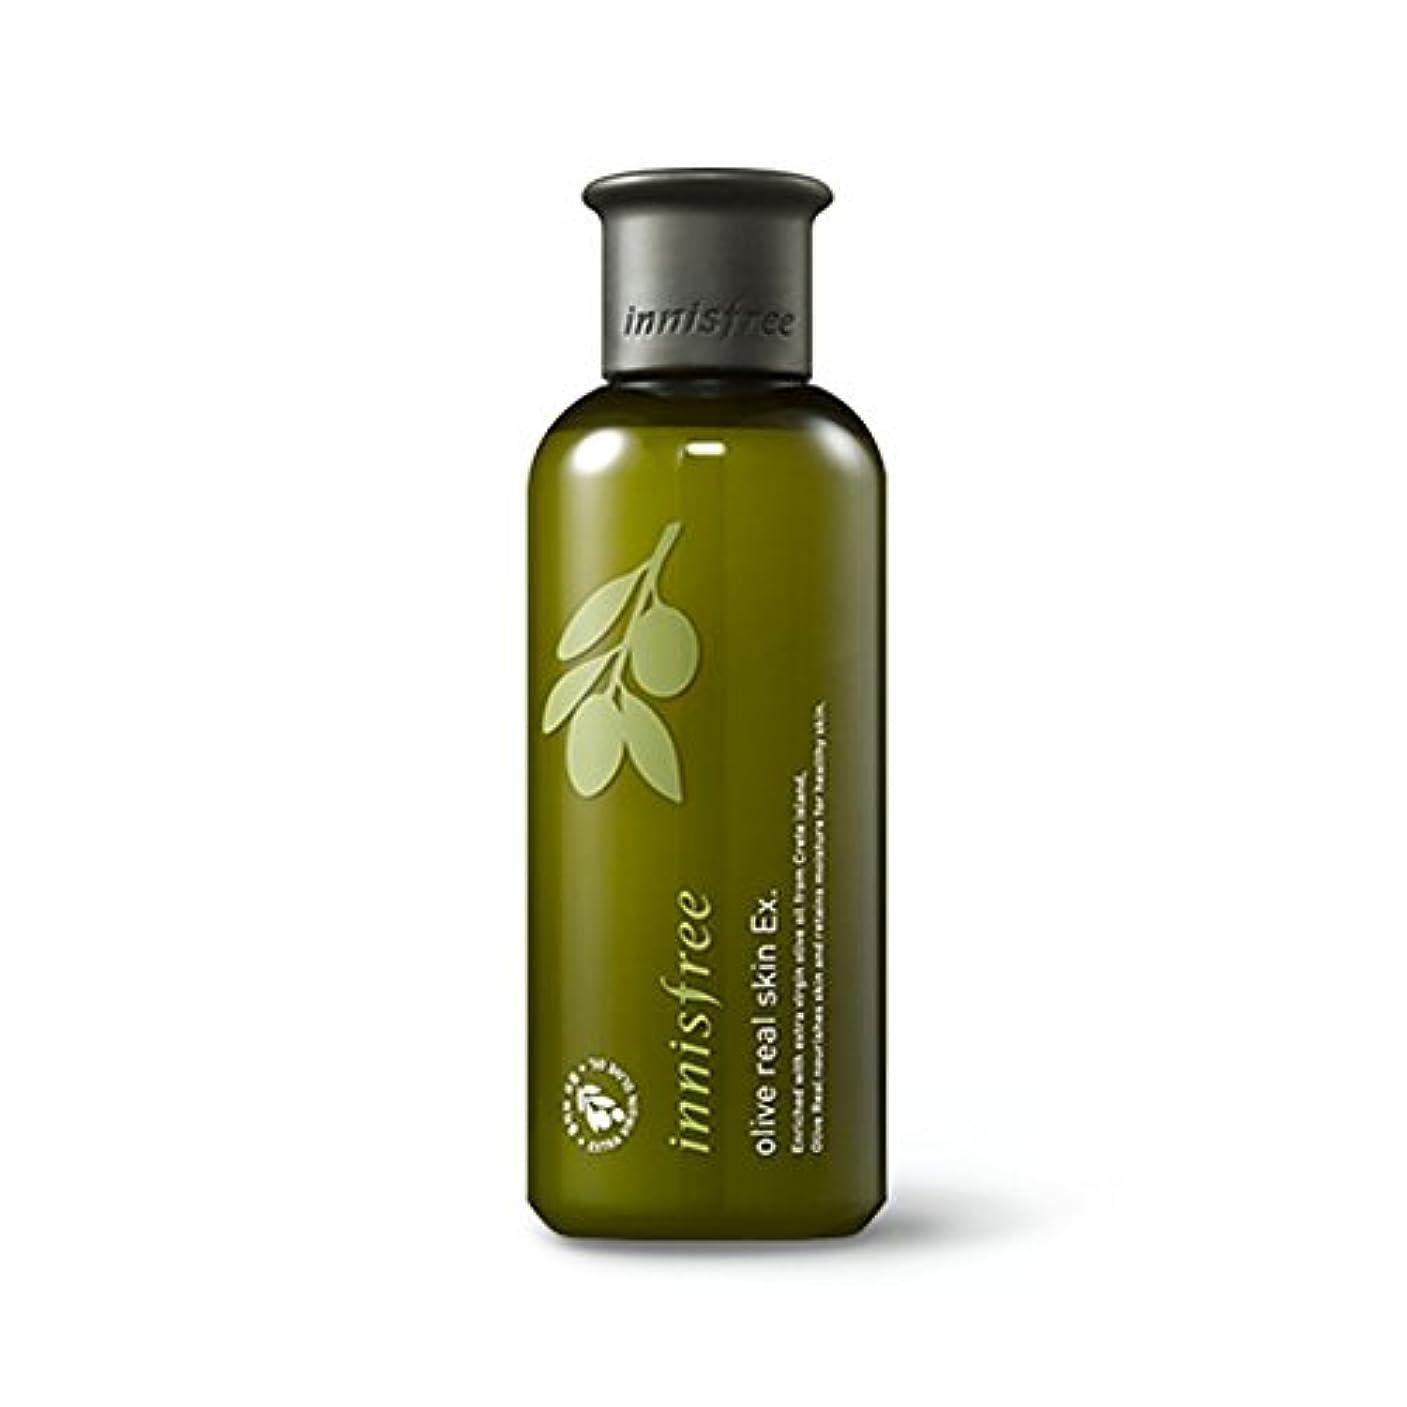 性能私タイトイニスフリーオリーブリアルスキン 200ml Innisfree Olive Real Skin Ex. 200ml [海外直送品][並行輸入品]